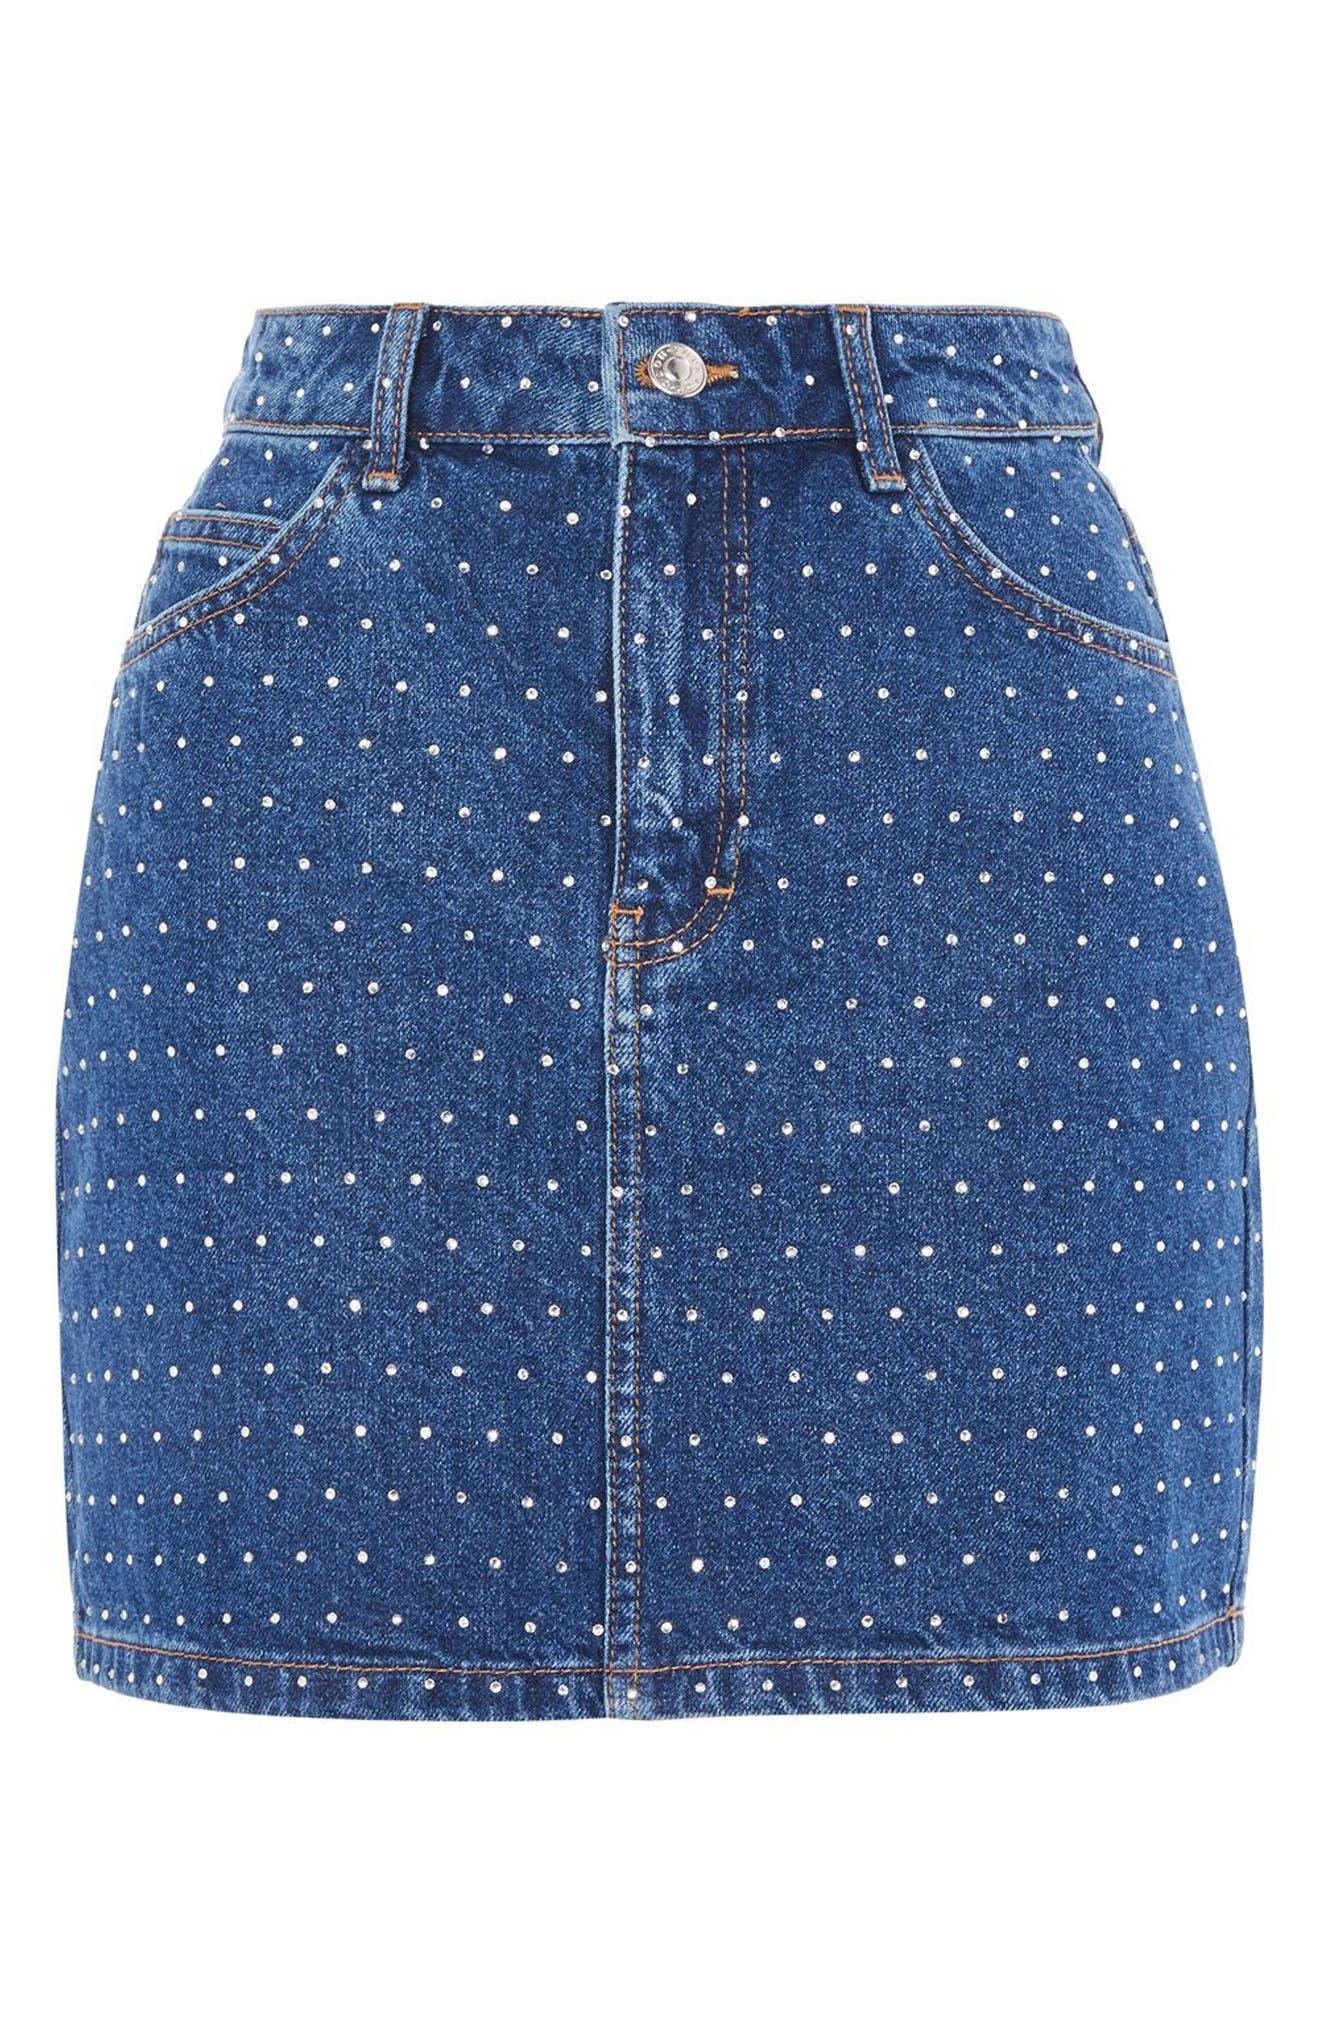 Crystal Studded Denim Miniskirt,                             Alternate thumbnail 3, color,